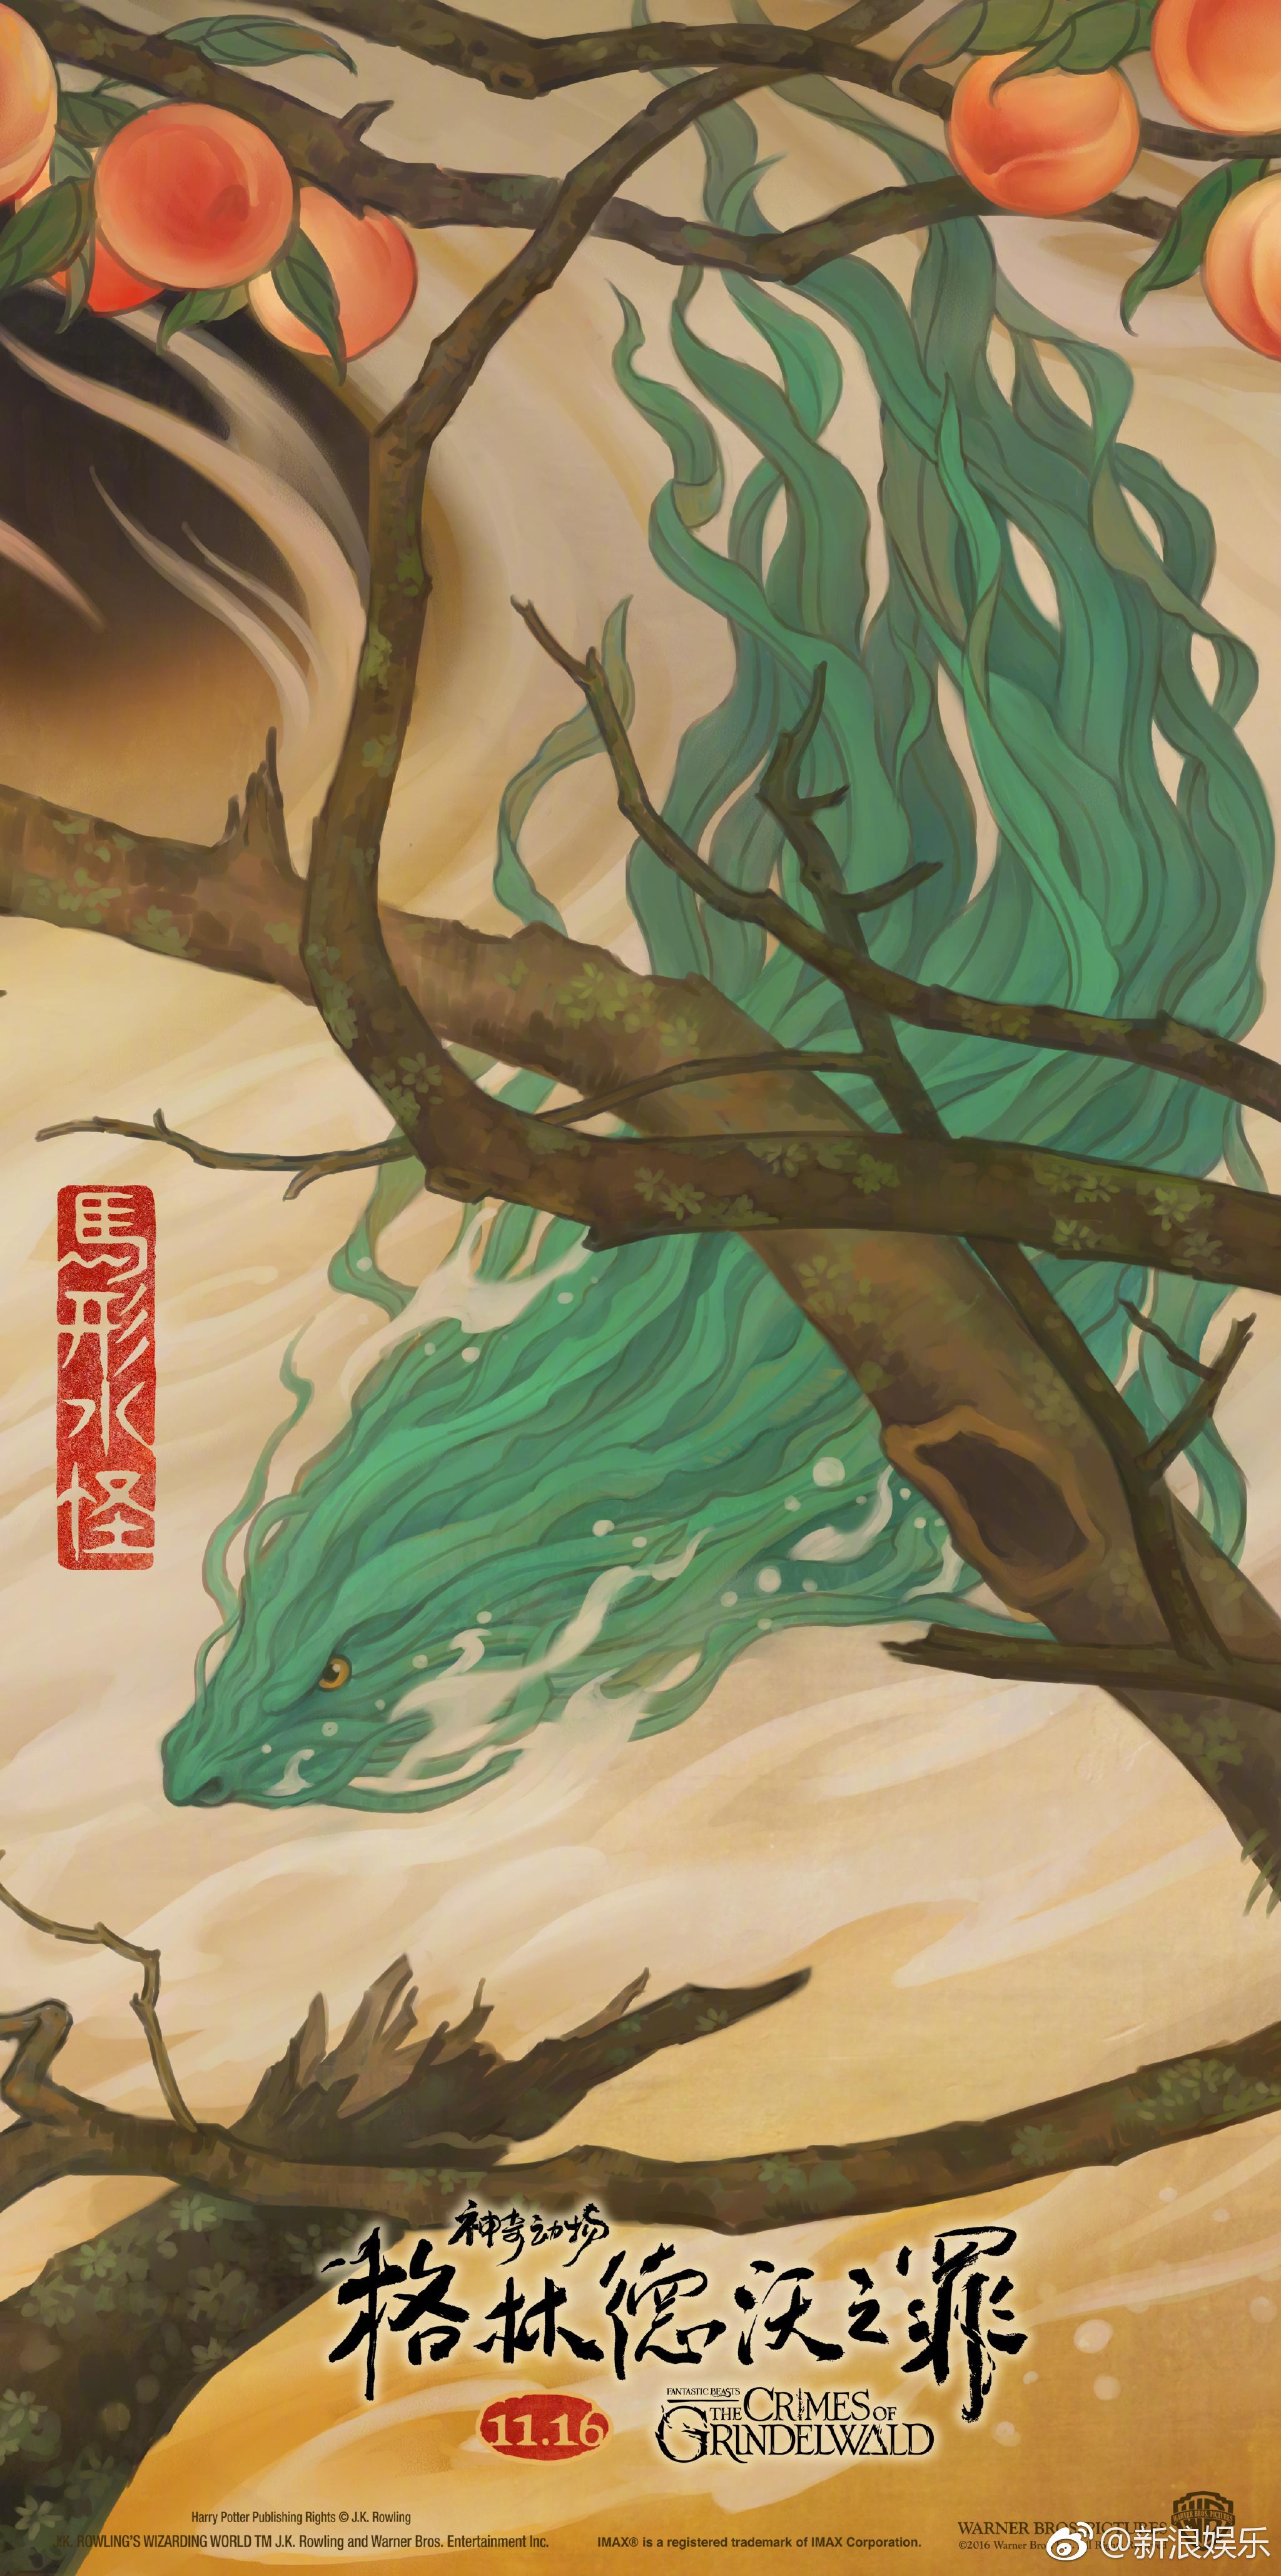 神奇动物2发布中国风海报 zt